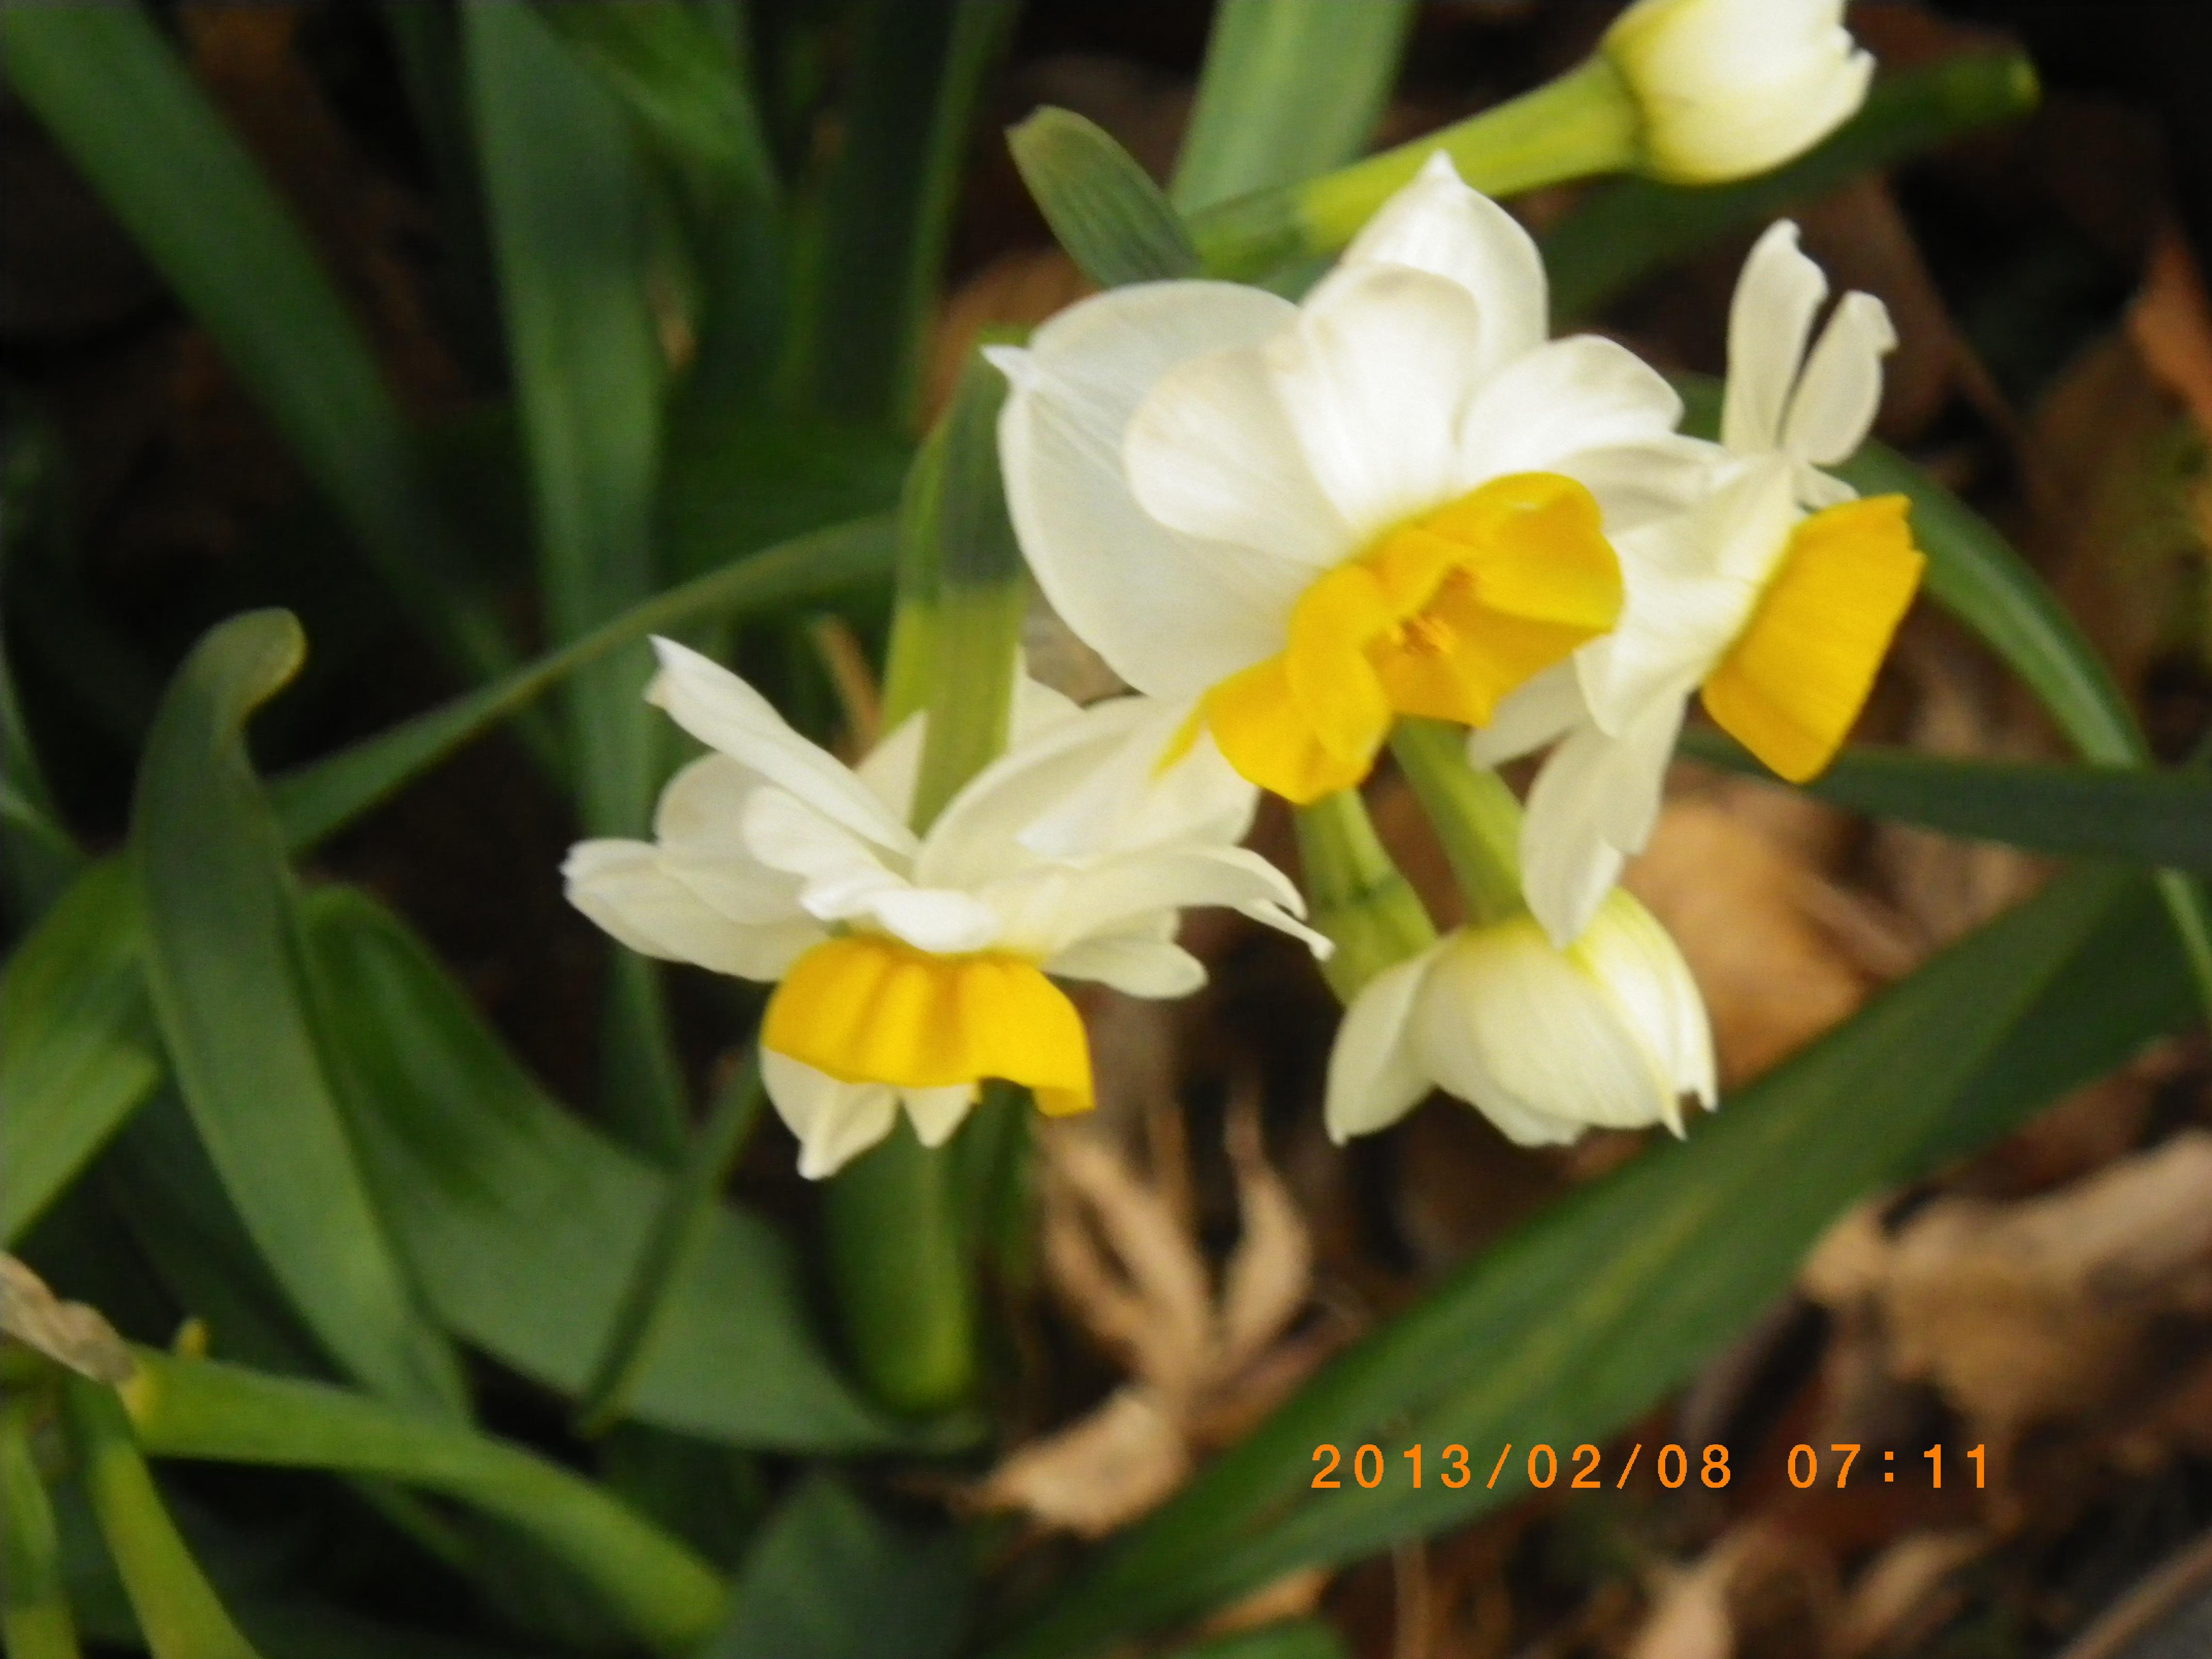 http://www.law-pro.jp/weblog/IMGP3263.JPG